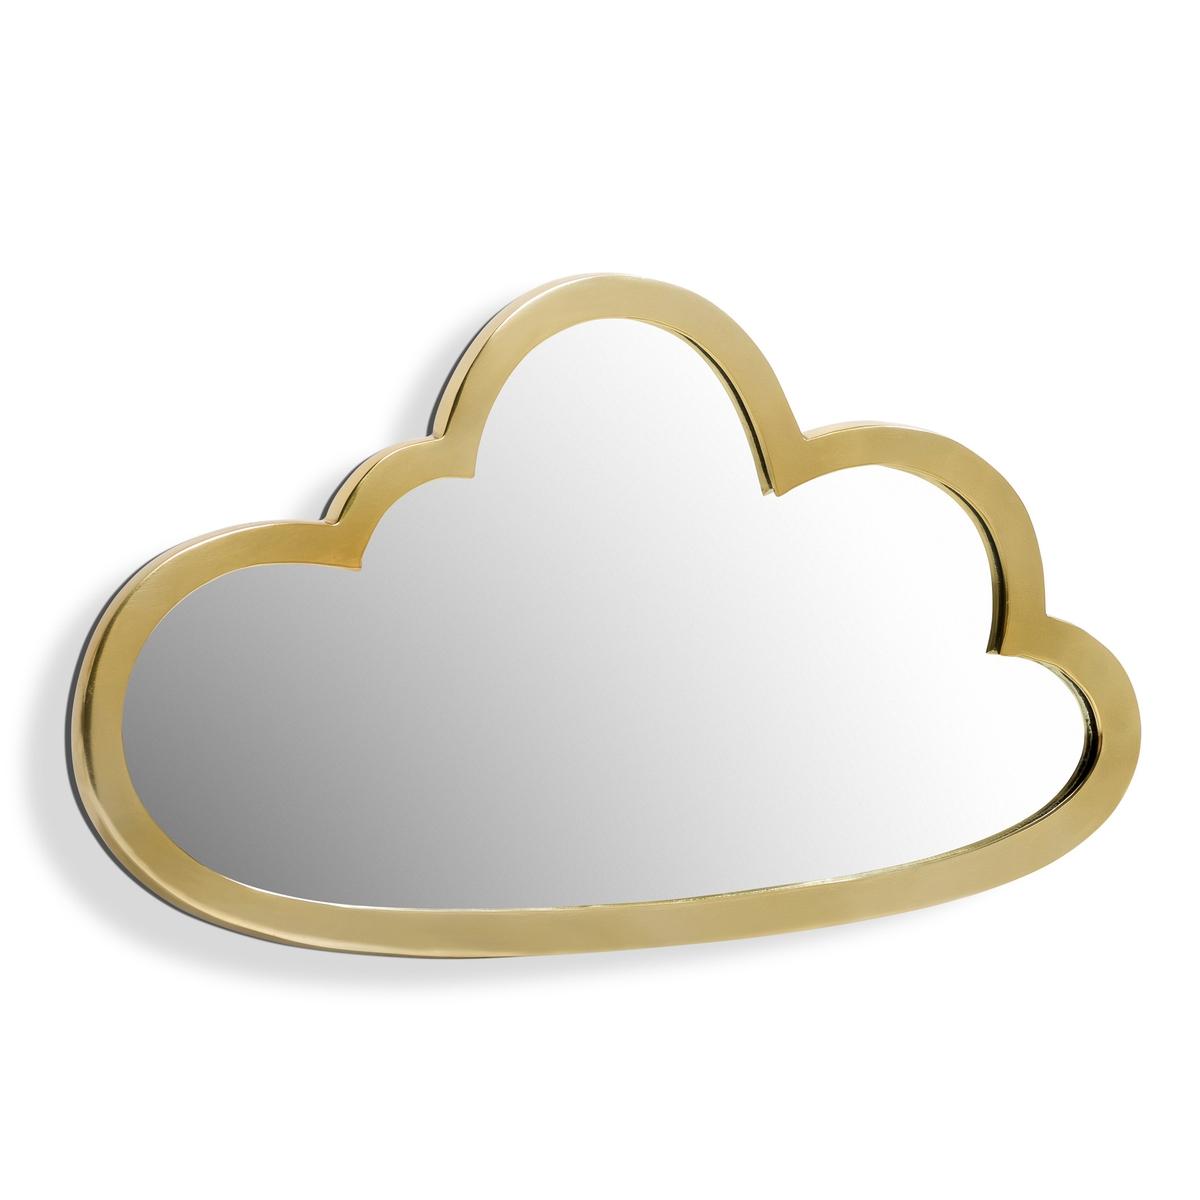 Зеркало в форме облака, из латуни Д45 x В26 см, Zicowi<br><br>Цвет: прозрачный